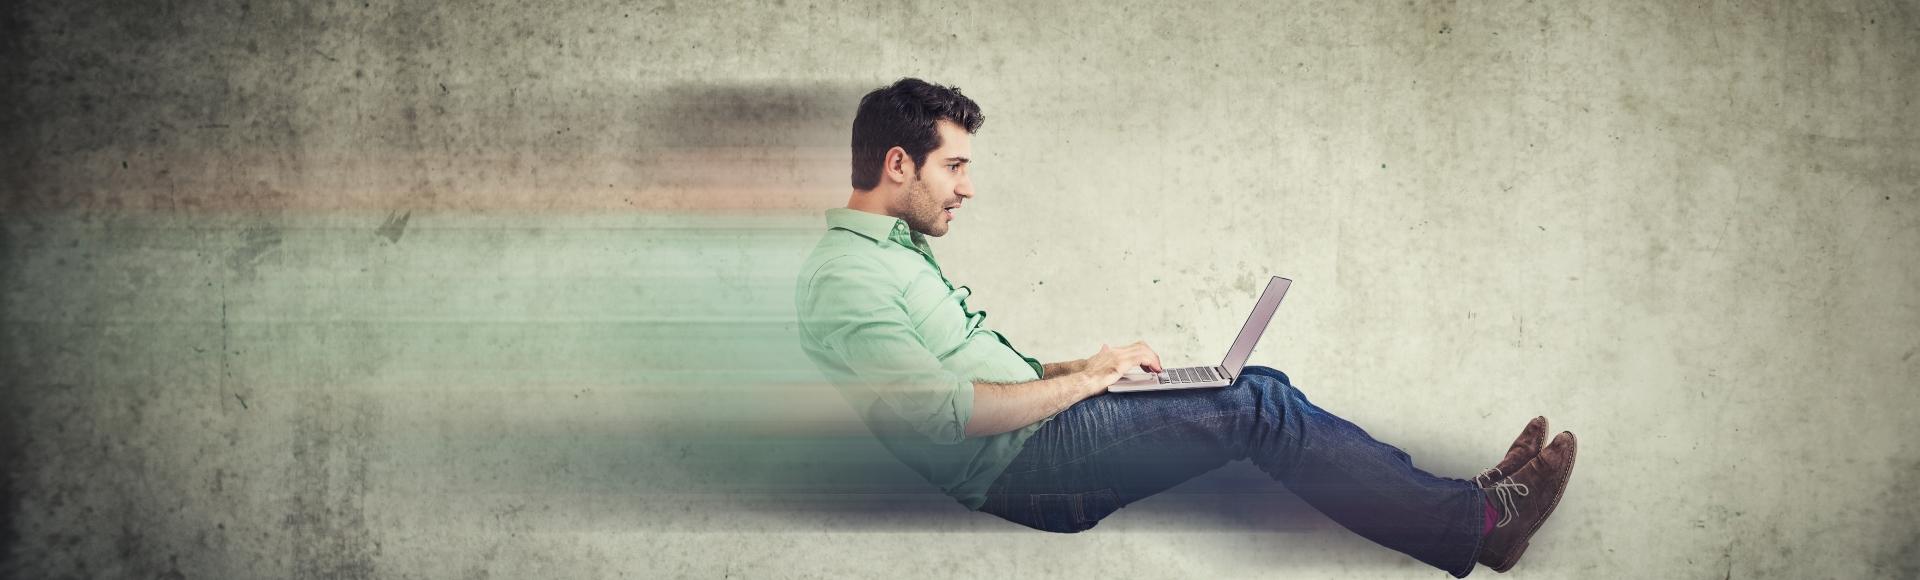 Noro hiter in zanesljiv internet